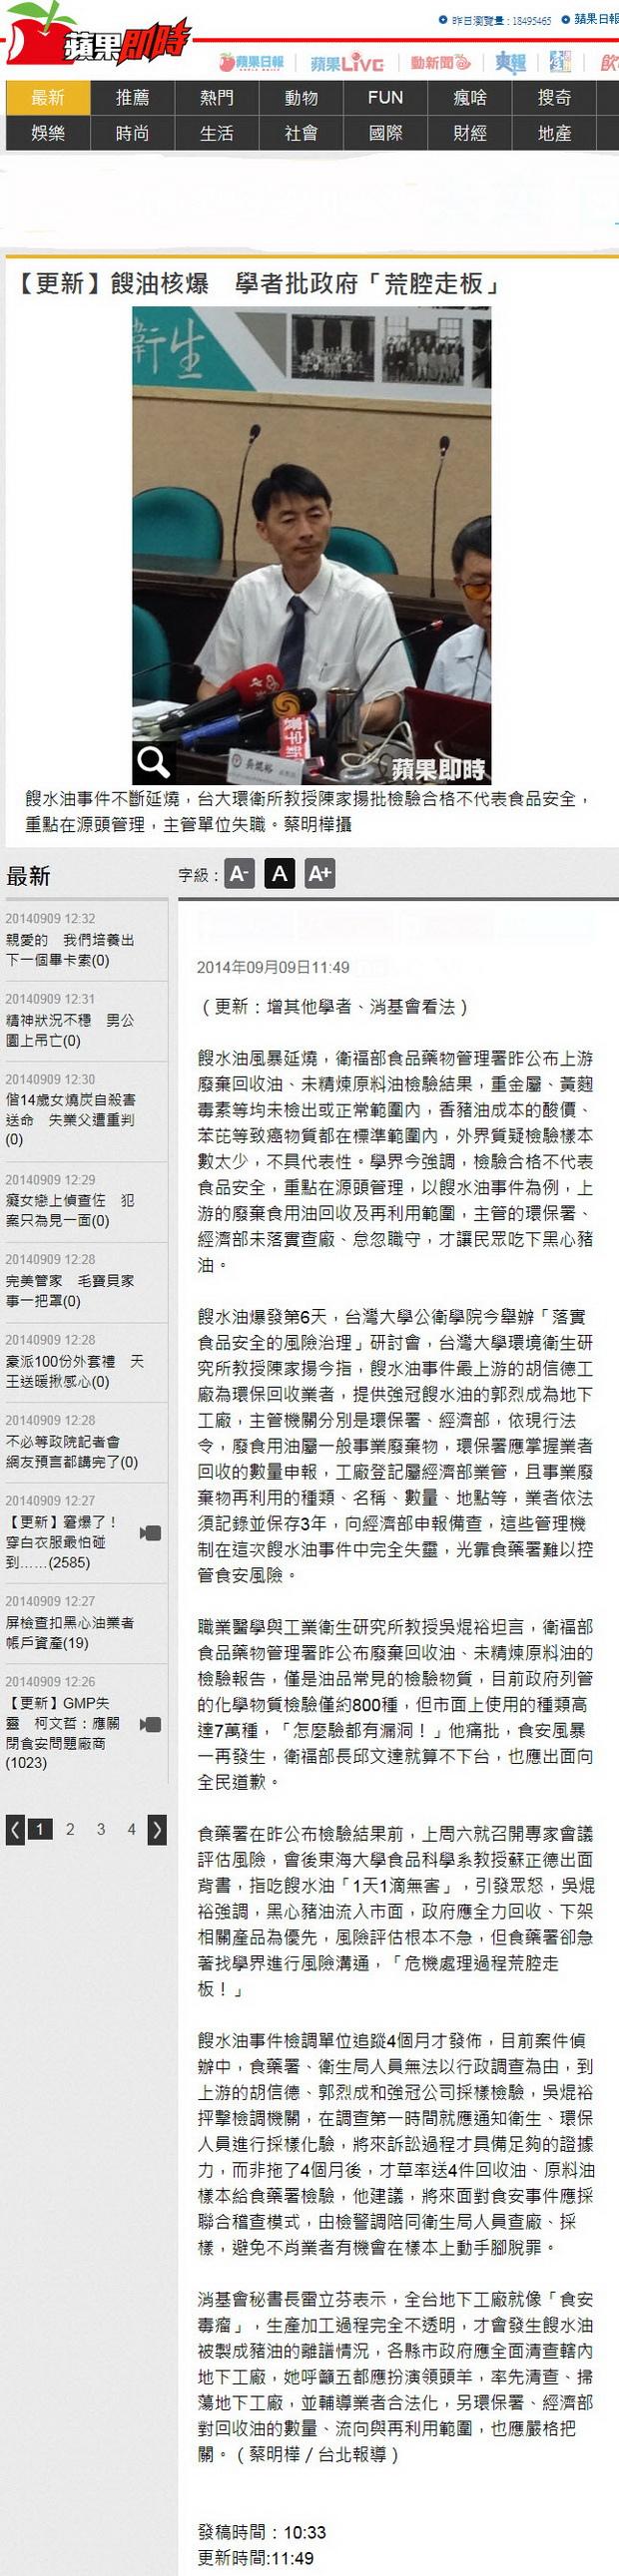 餿油核爆 學者批政府「荒腔走板」-2014.09.09.jpg